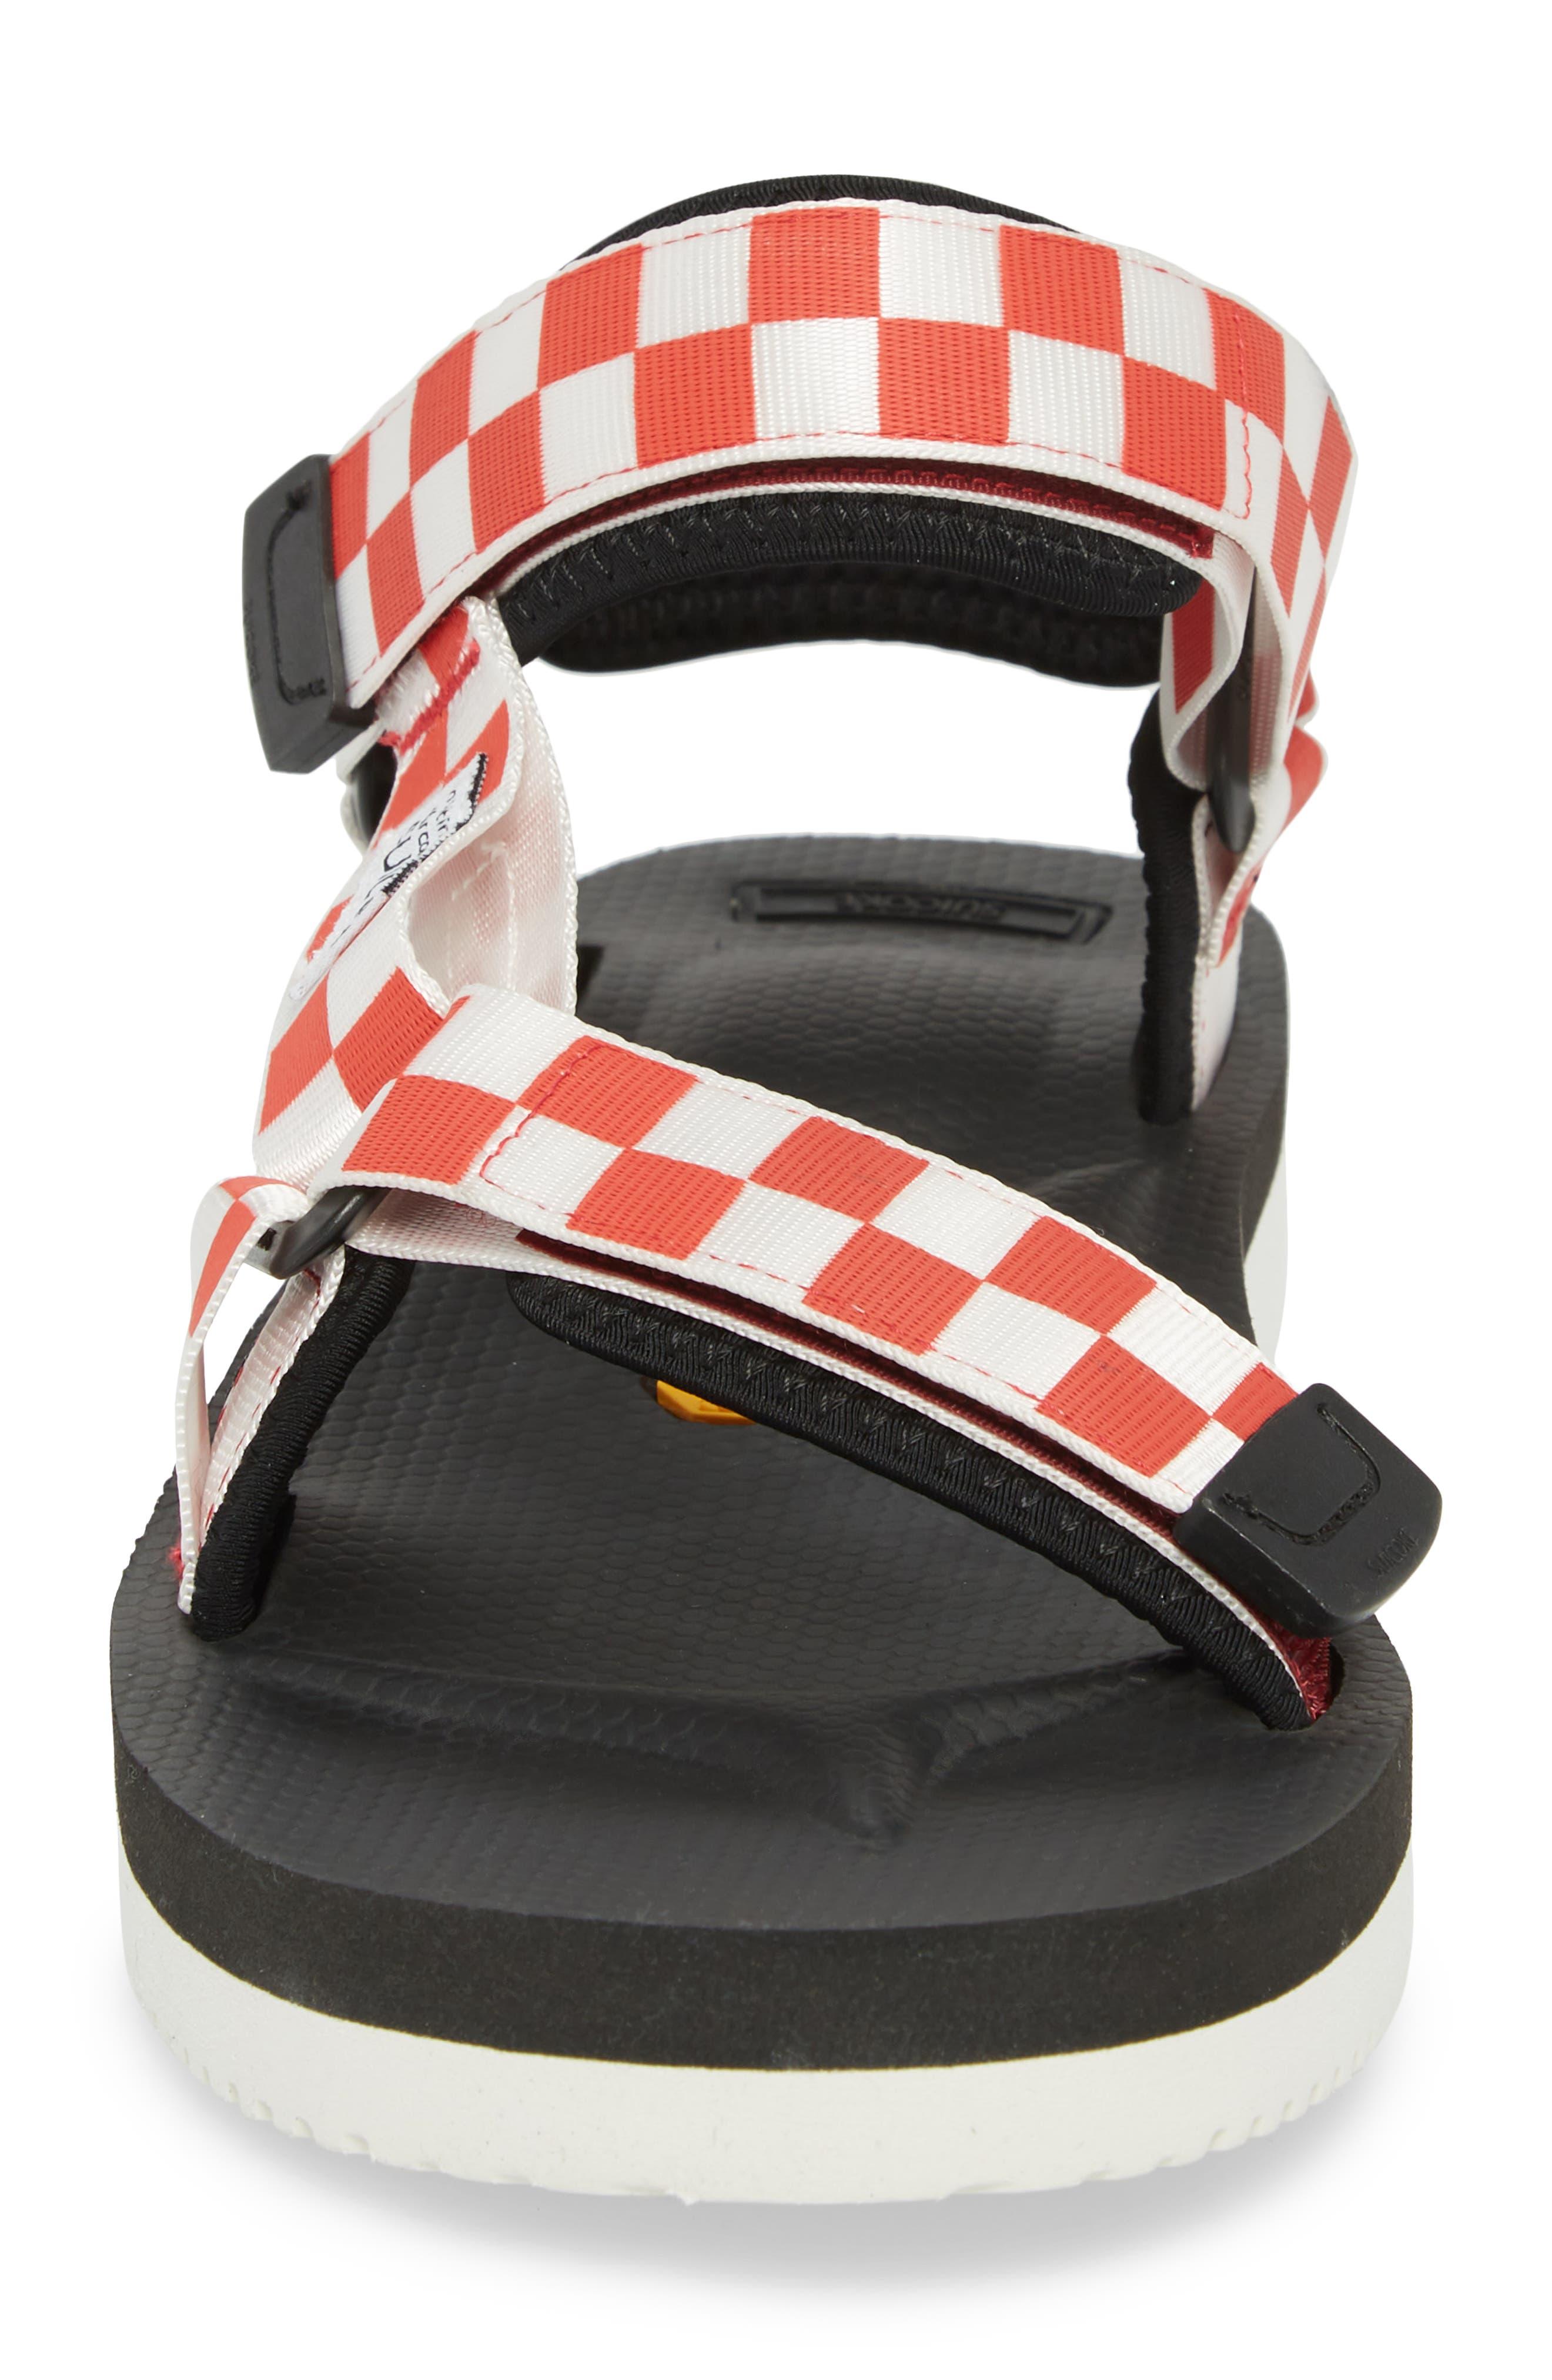 Depa Sport Sandal,                             Alternate thumbnail 4, color,                             Red